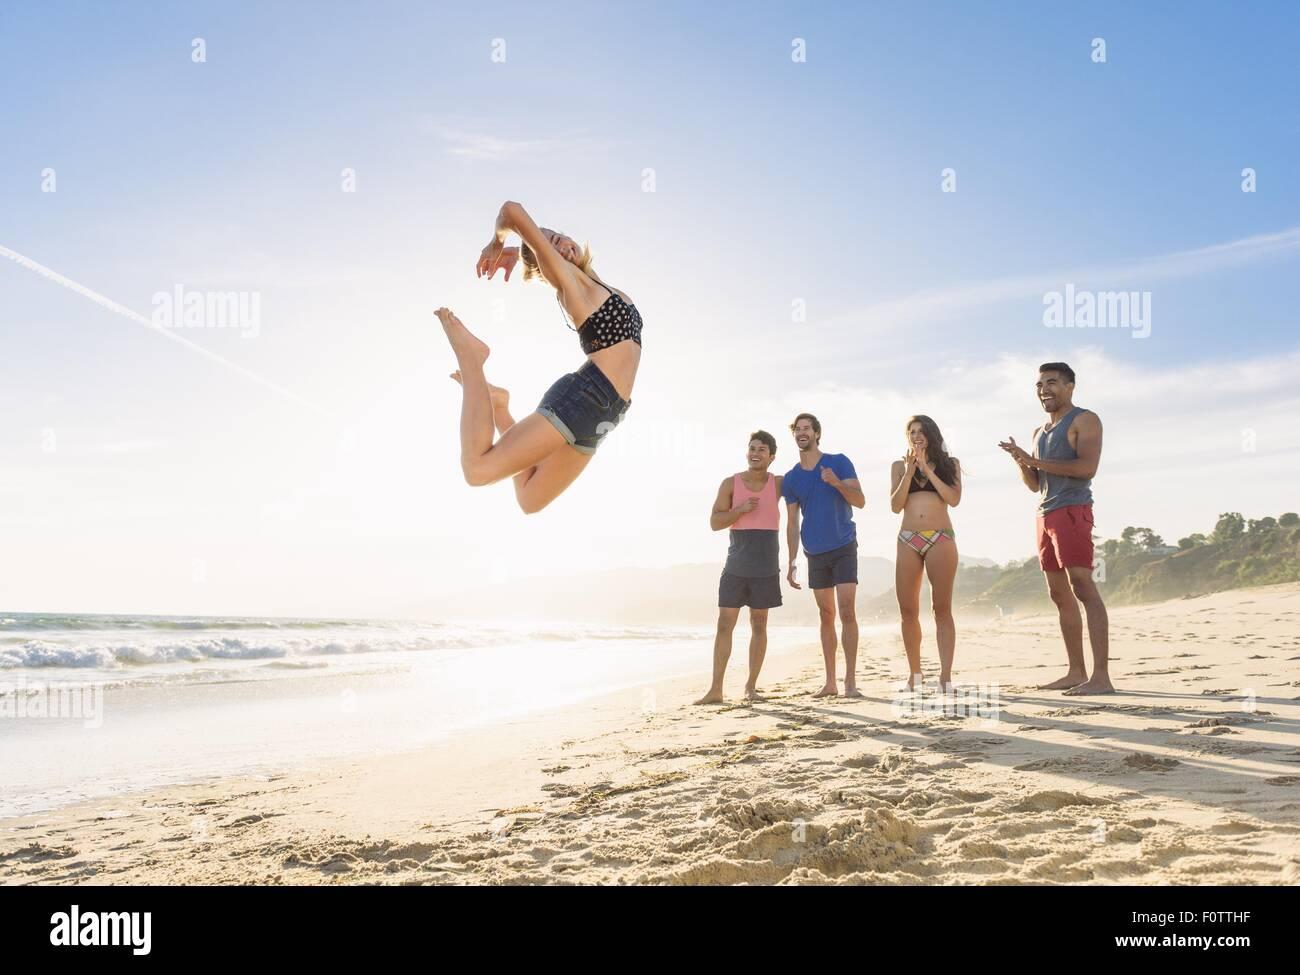 Gruppo di amici sulla spiaggia per guardare un amico salto in aria Foto Stock